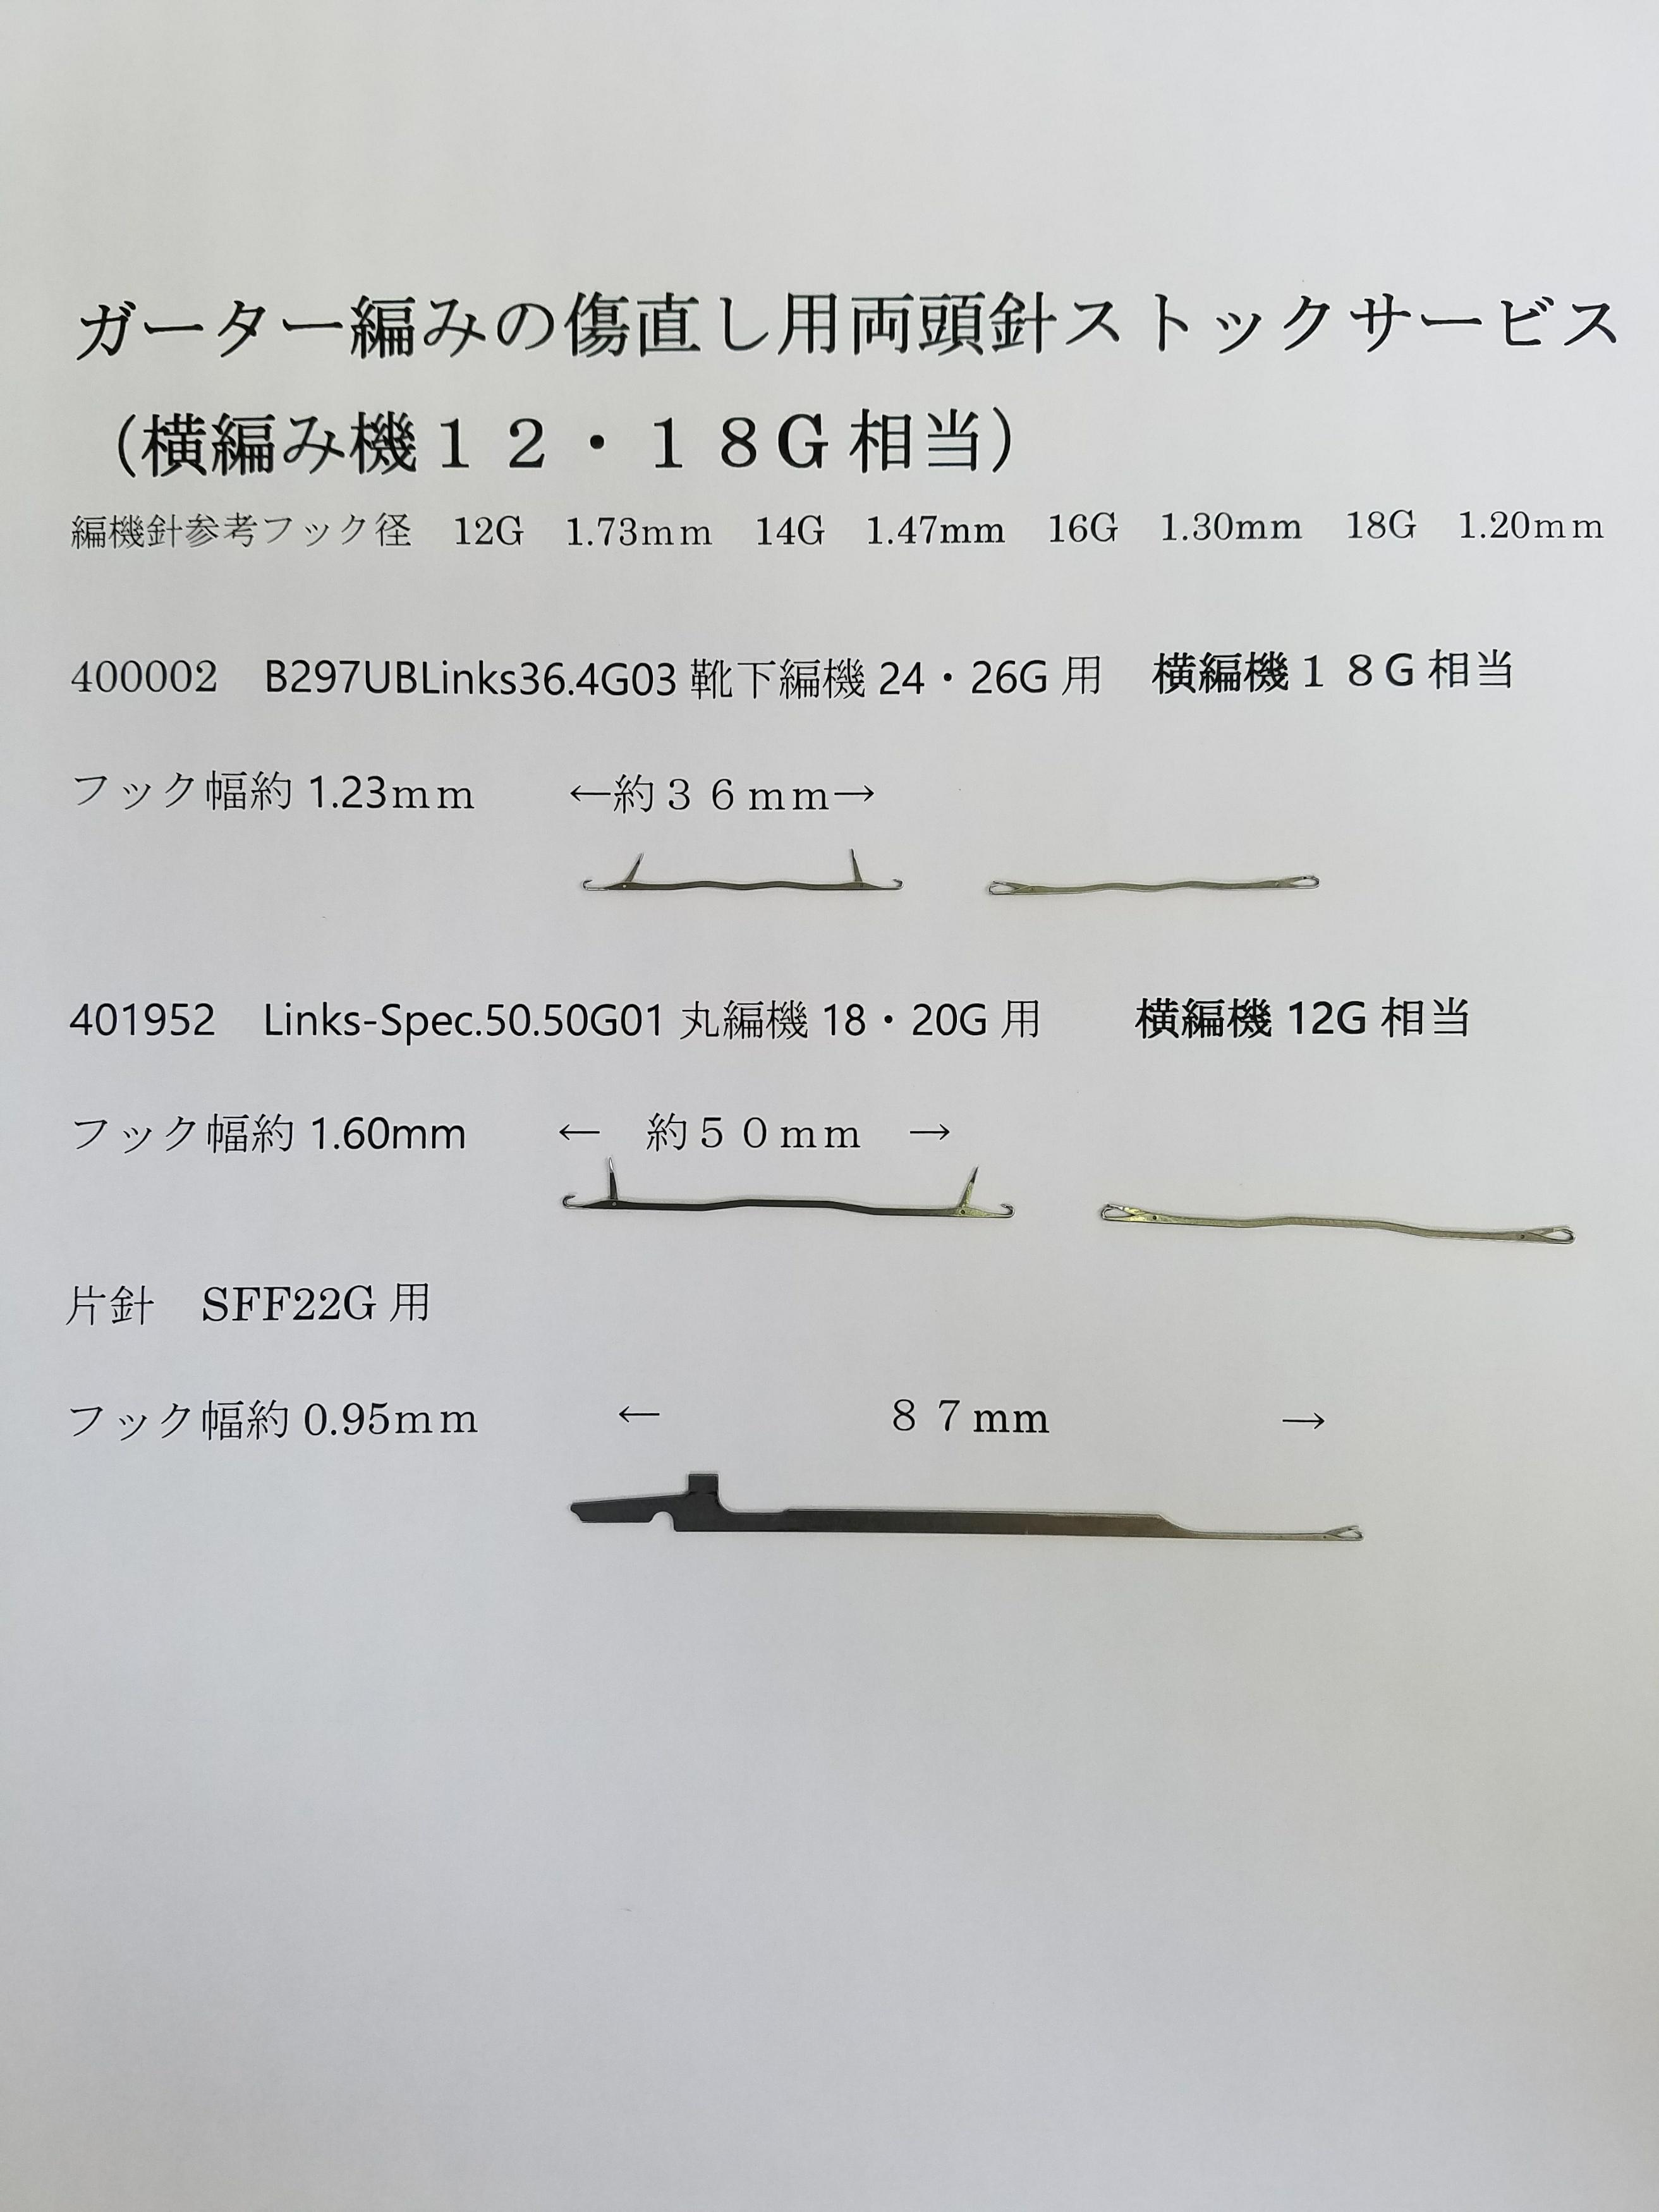 両頭針(12G・18G)ストックサービス.jpg